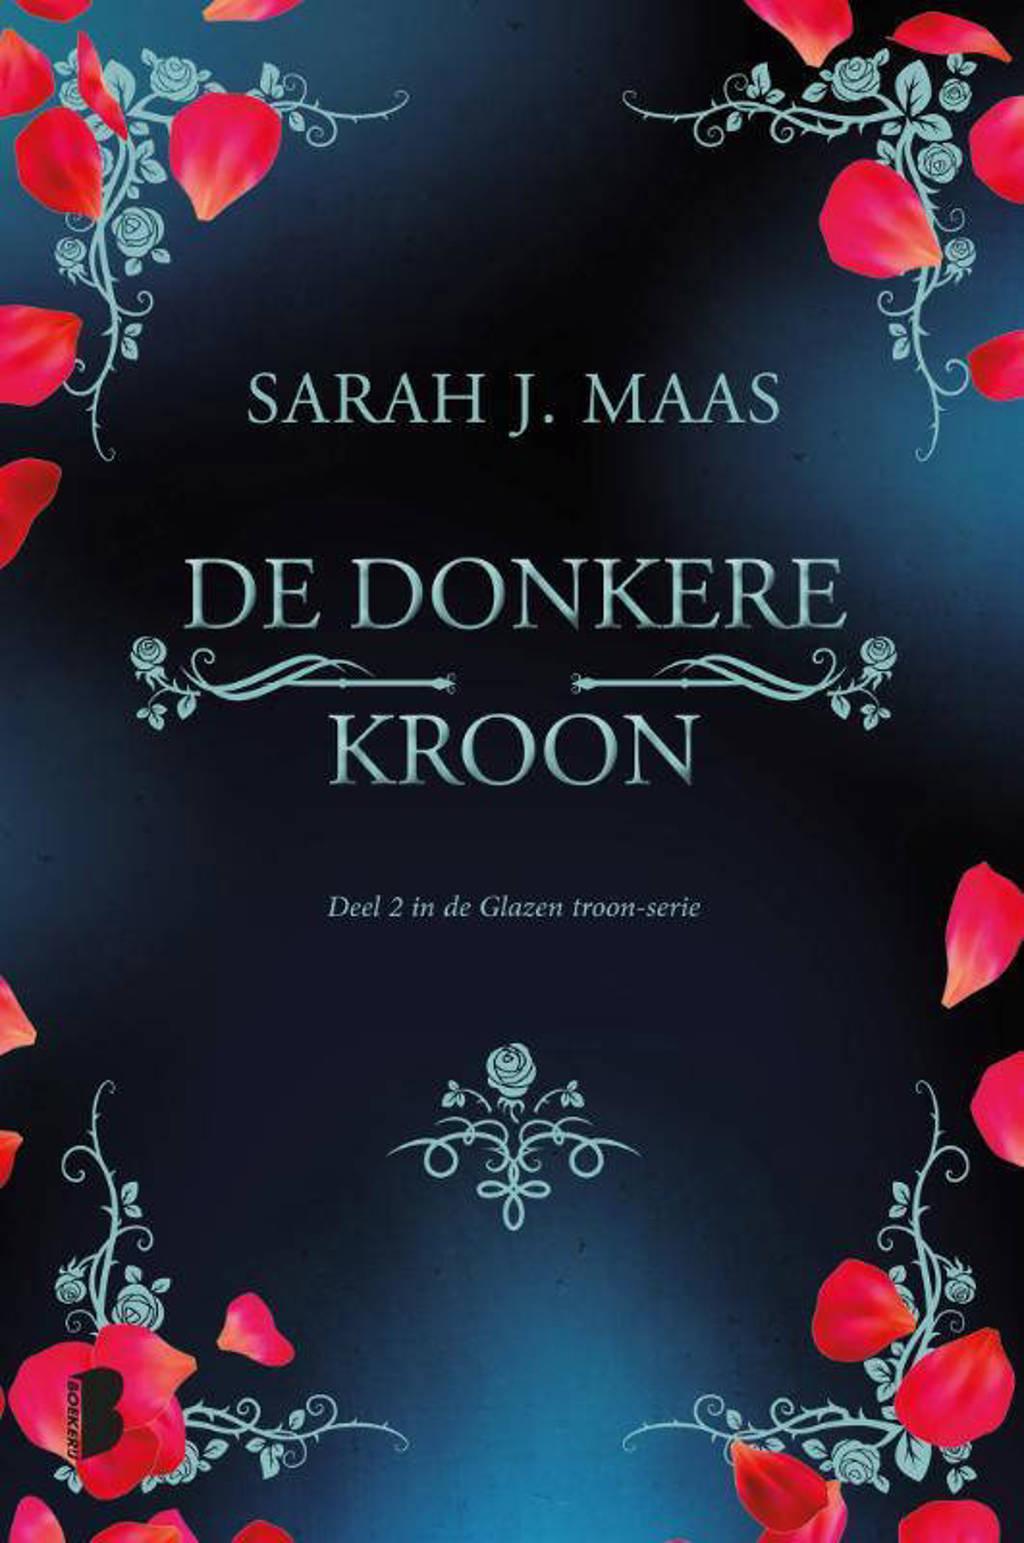 Glazen troon: De donkere kroon - Sarah J. Maas